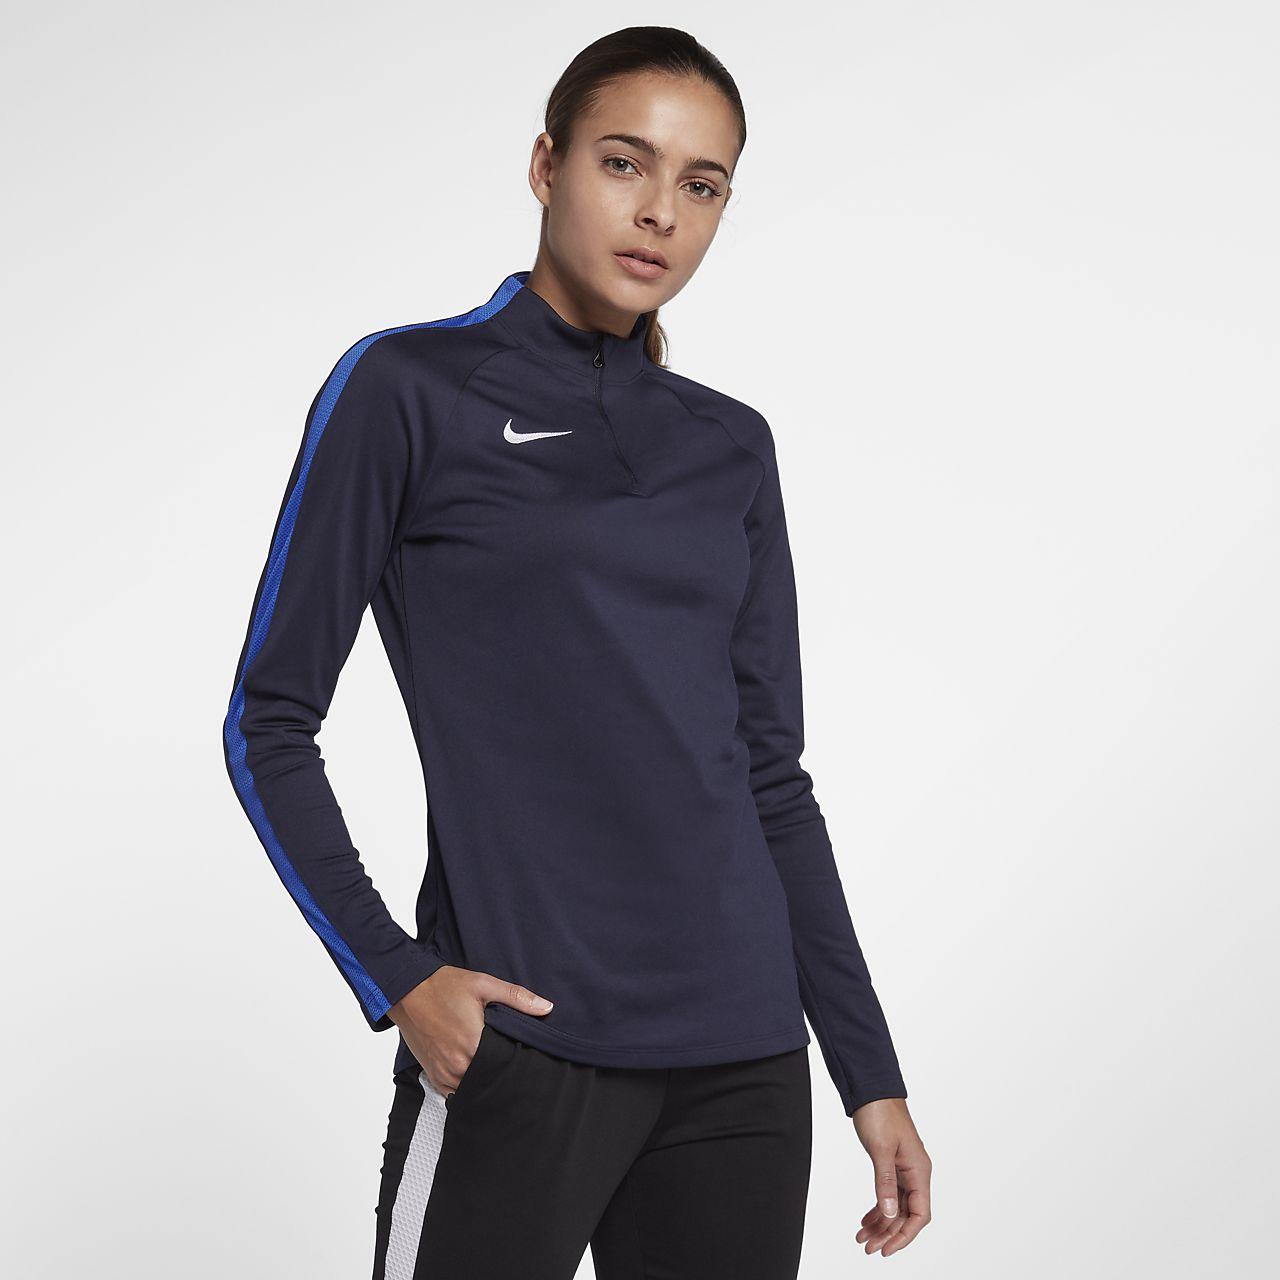 Lange Met Voor Dames Academy Nike Dri Mouwen Drill Voetbaltop Fit 6YYnX4